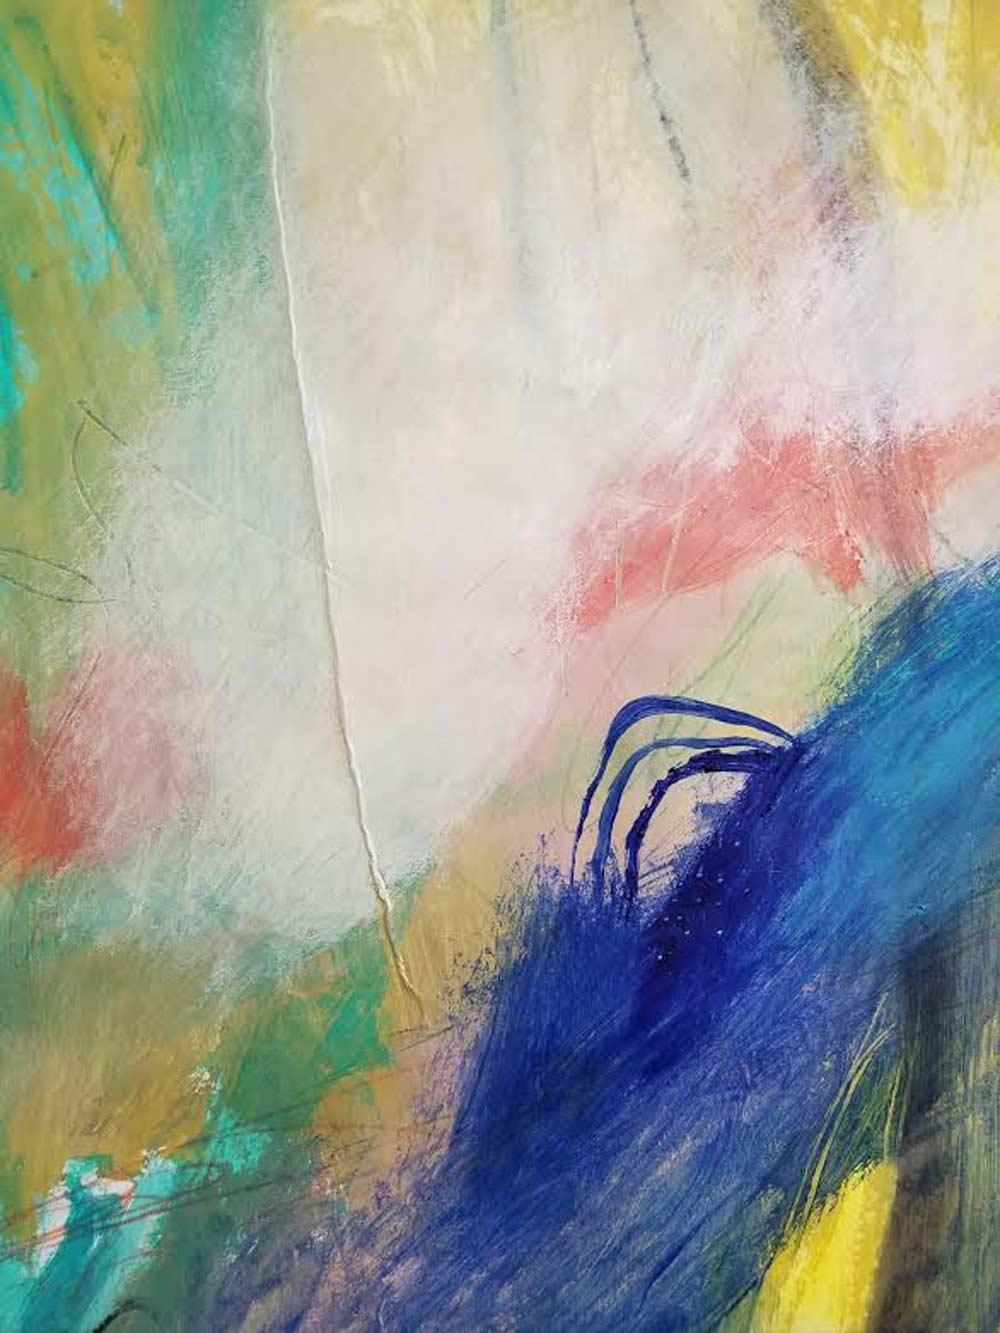 caldwel painting